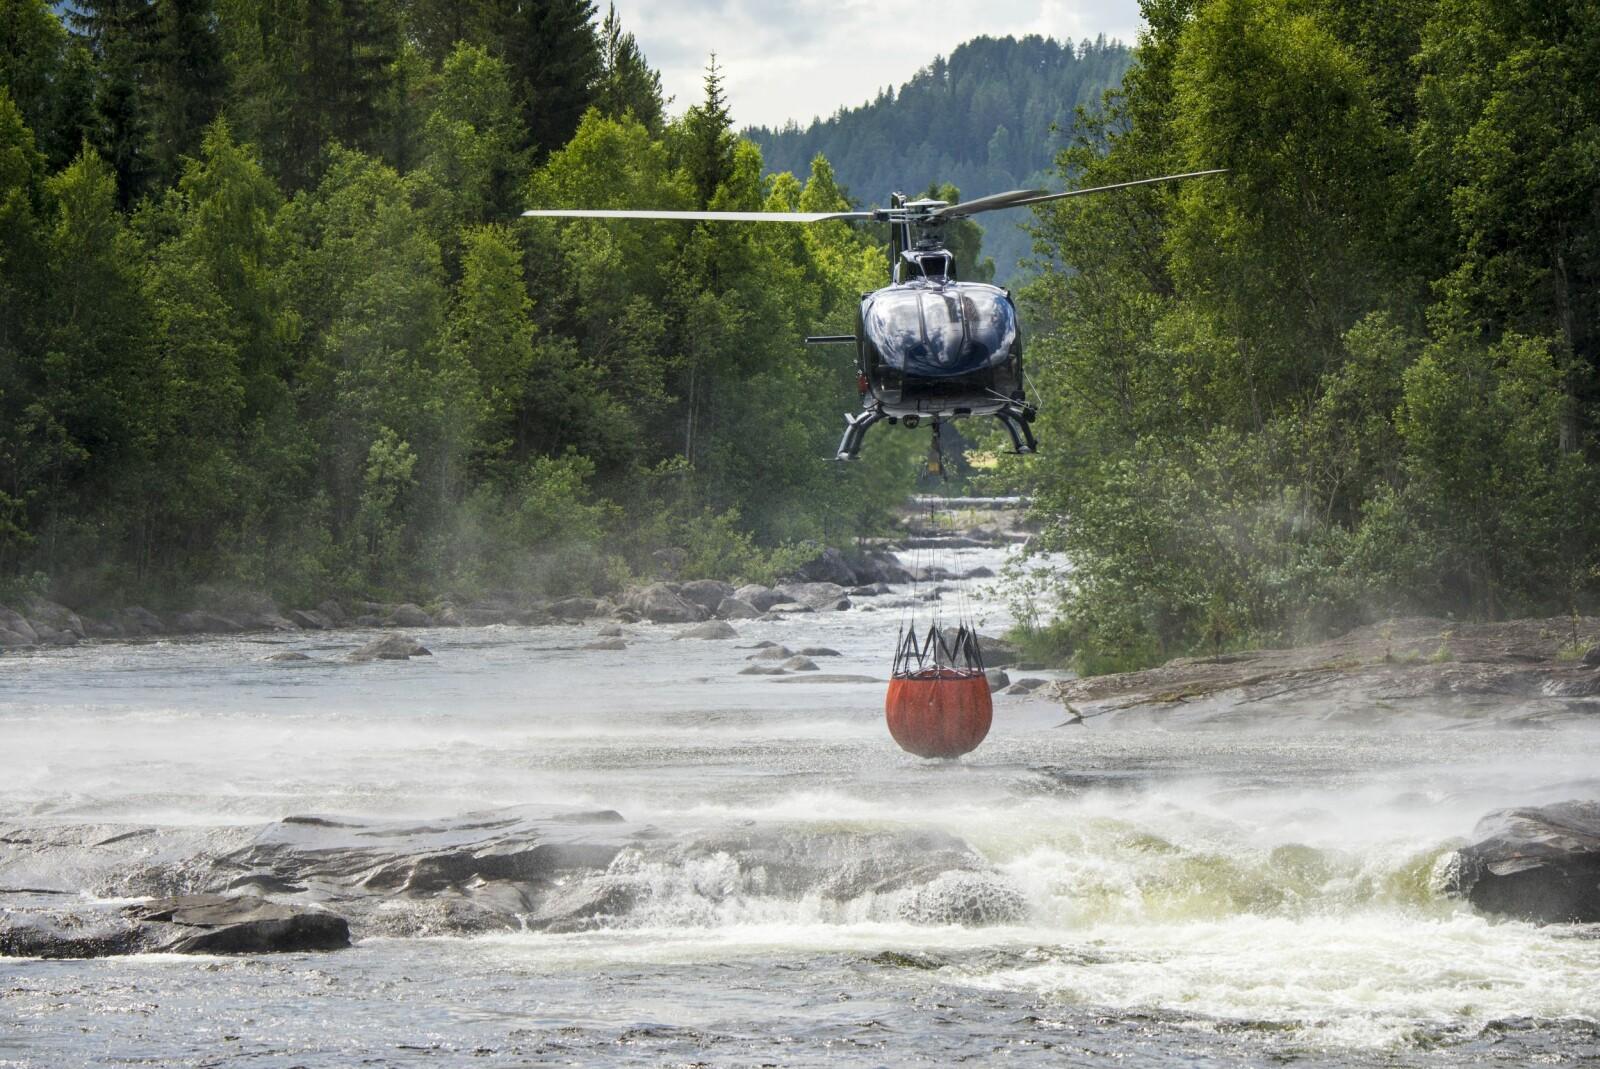 <b>FYLLER I FOSSEN:</b> En dyktig pilot finner vann over alt, et fossestryk er ikke nødvendigvis noen hindring.